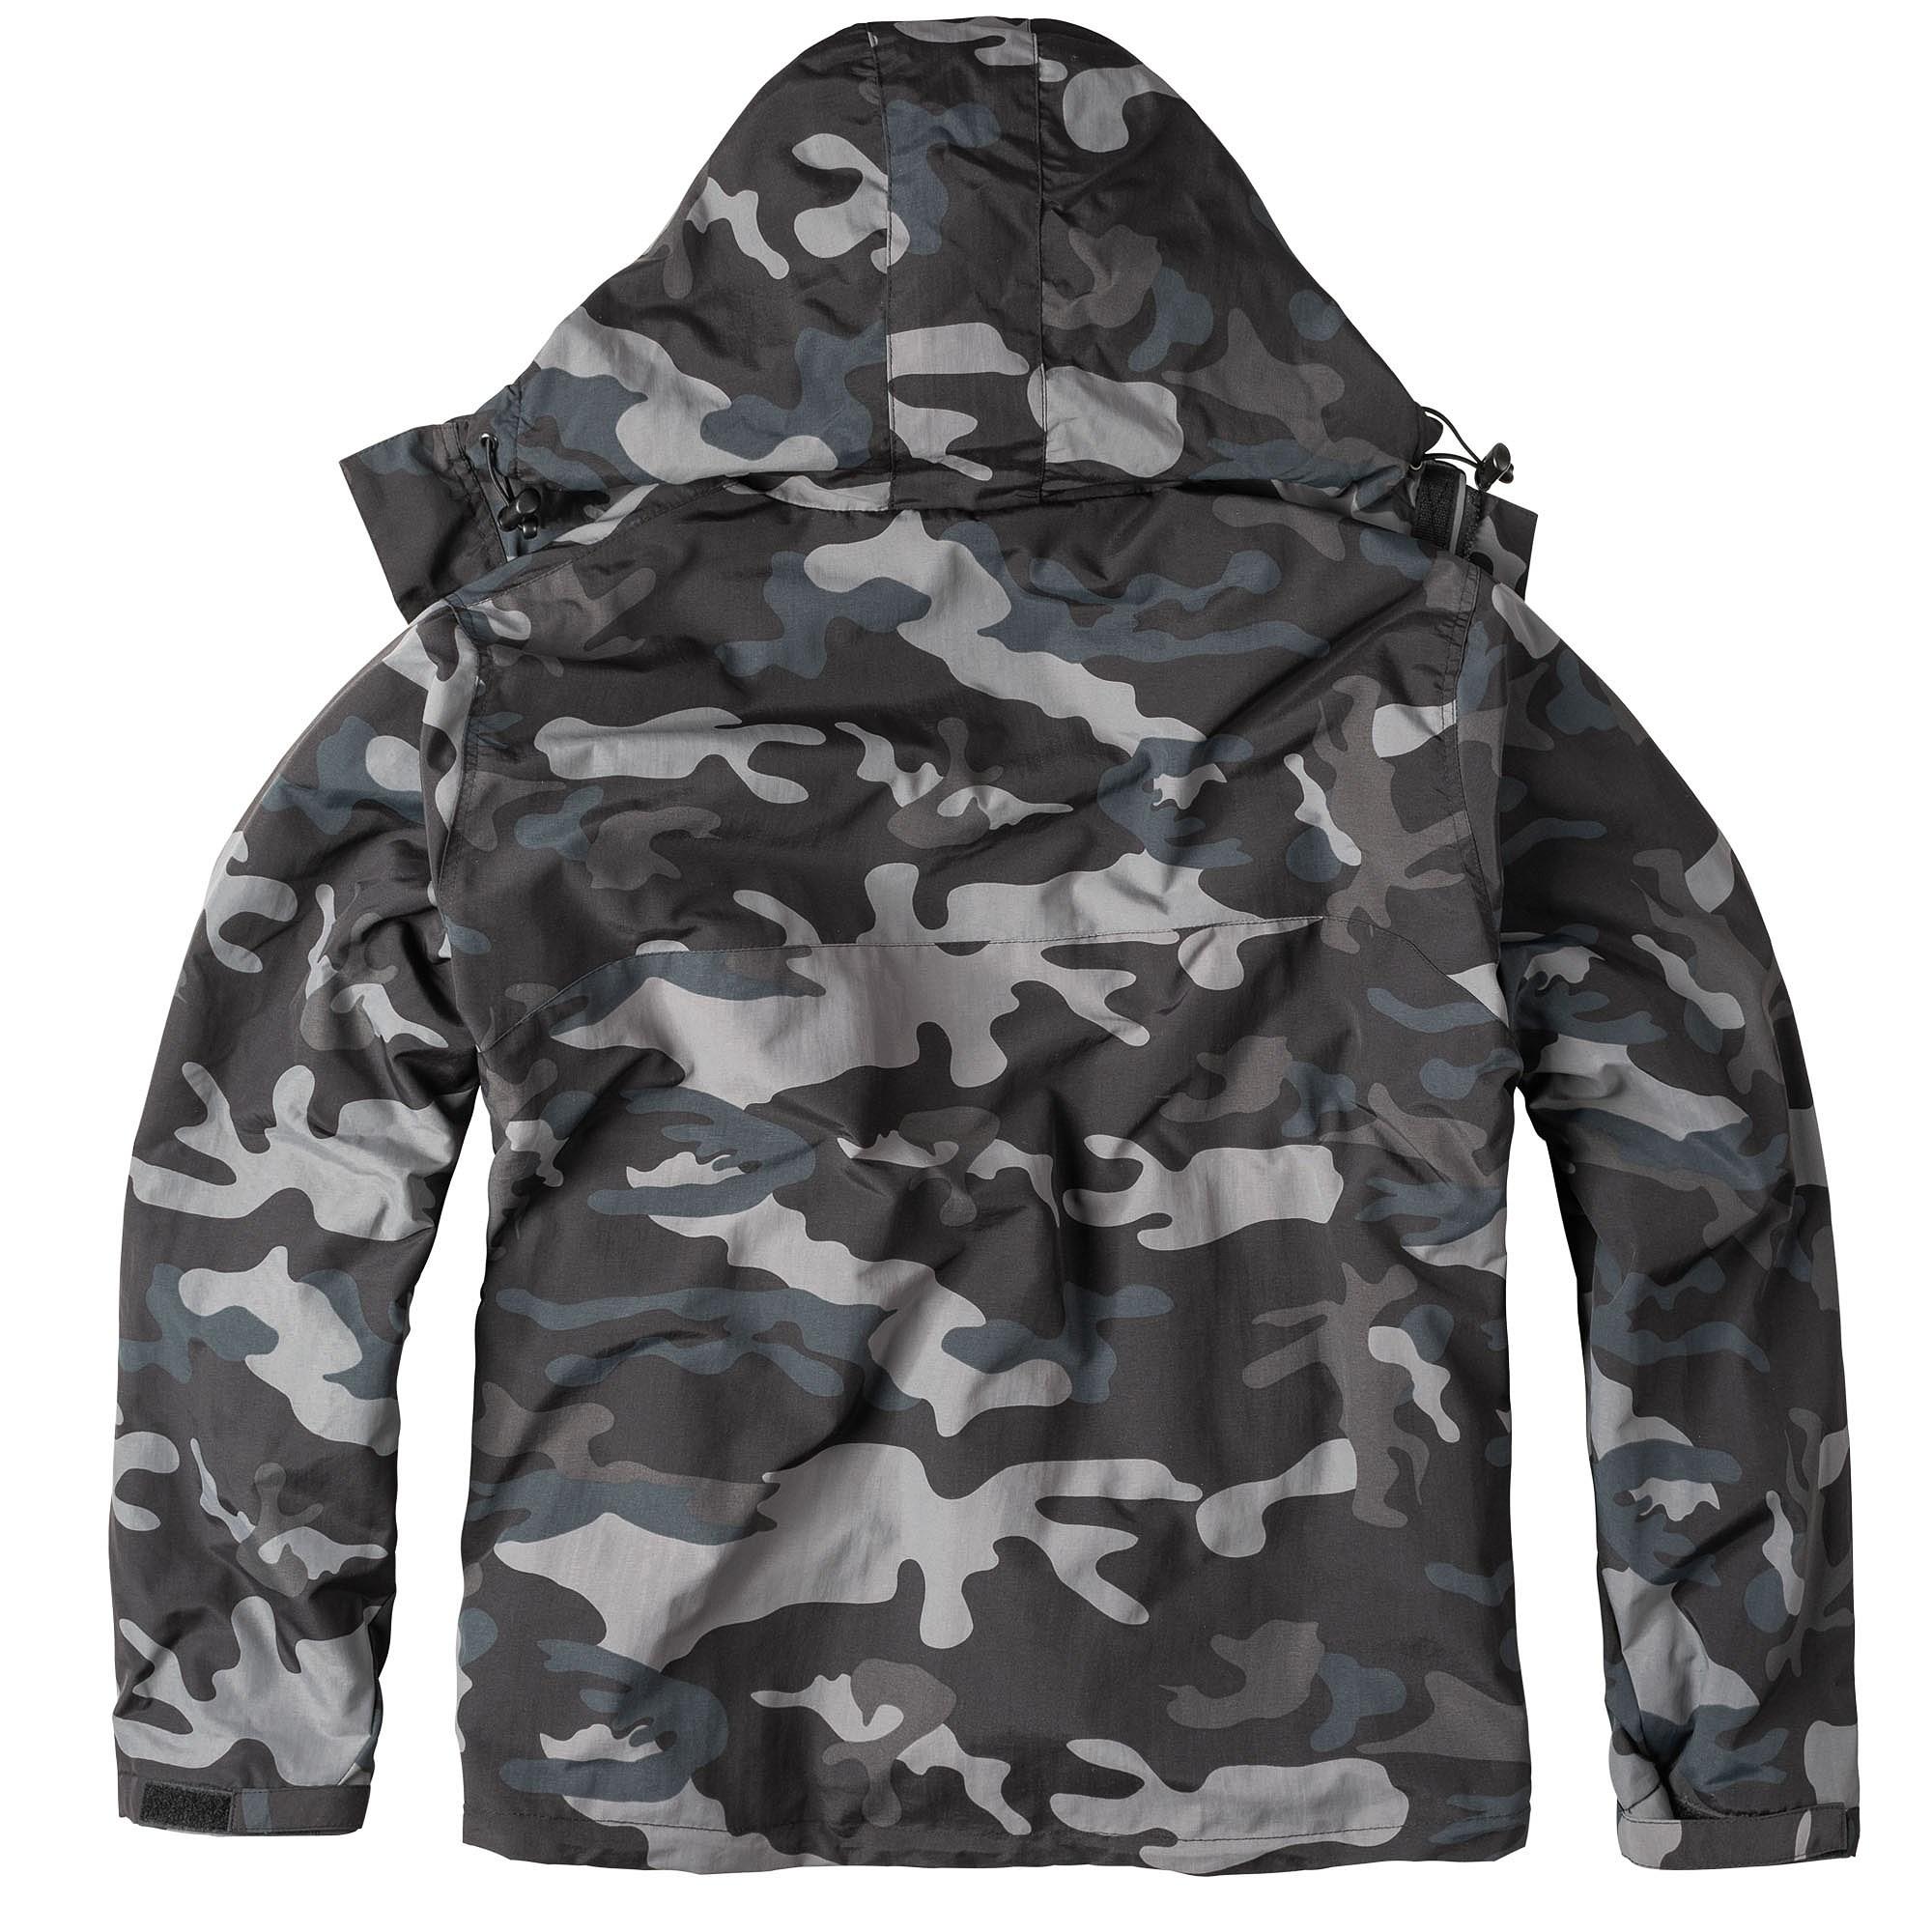 WINDBREAKER ZIPPER Jacket BLACK CAMO SURPLUS 20-7002-42 L-11